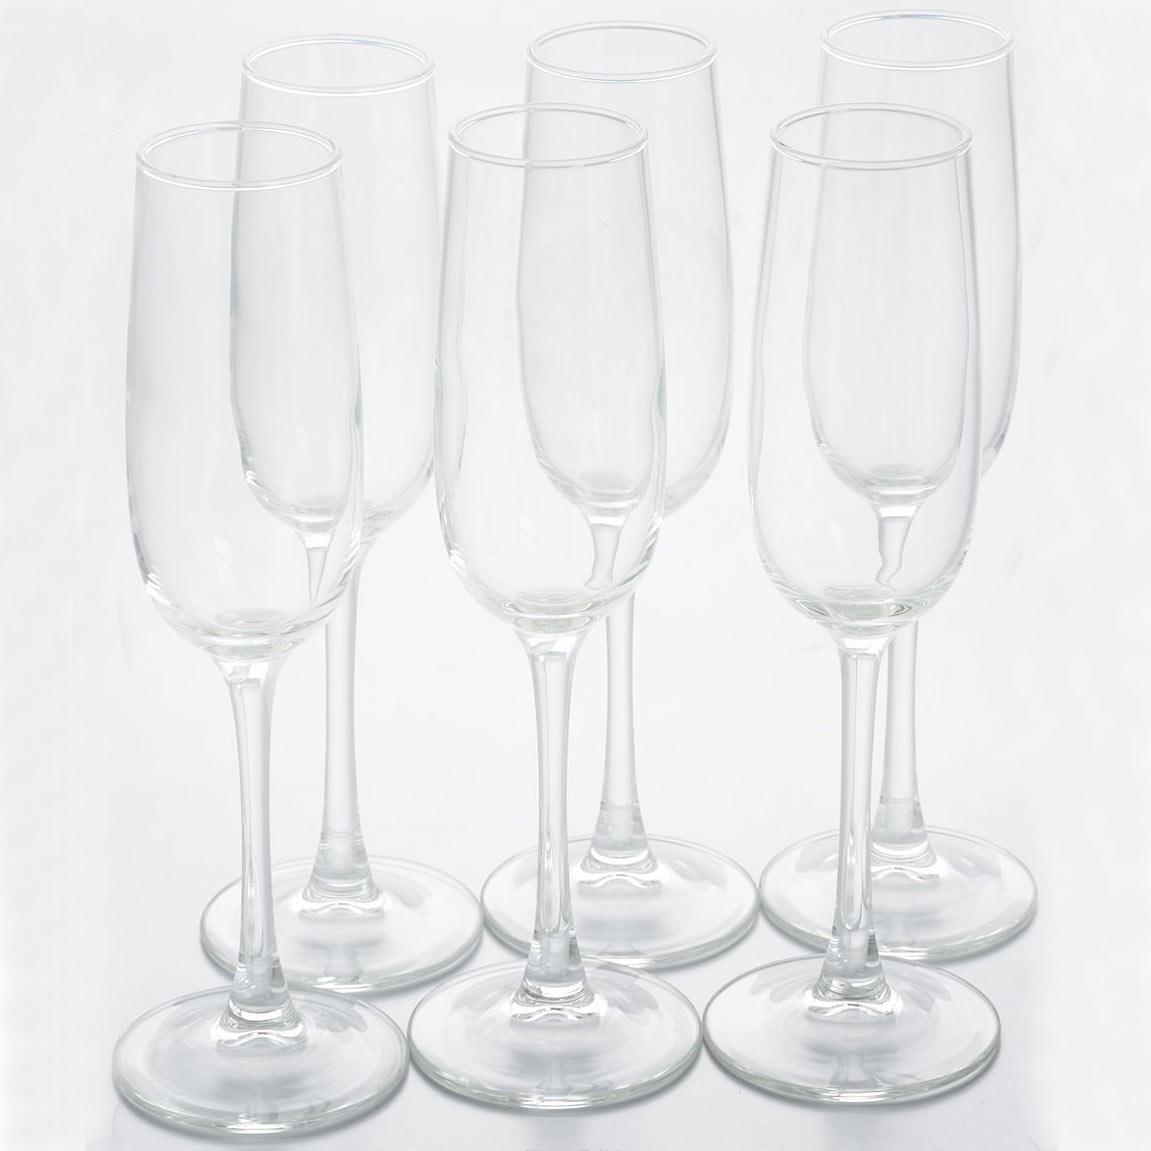 Фужеры для шампанского Аллегресс 175мл, 6шт